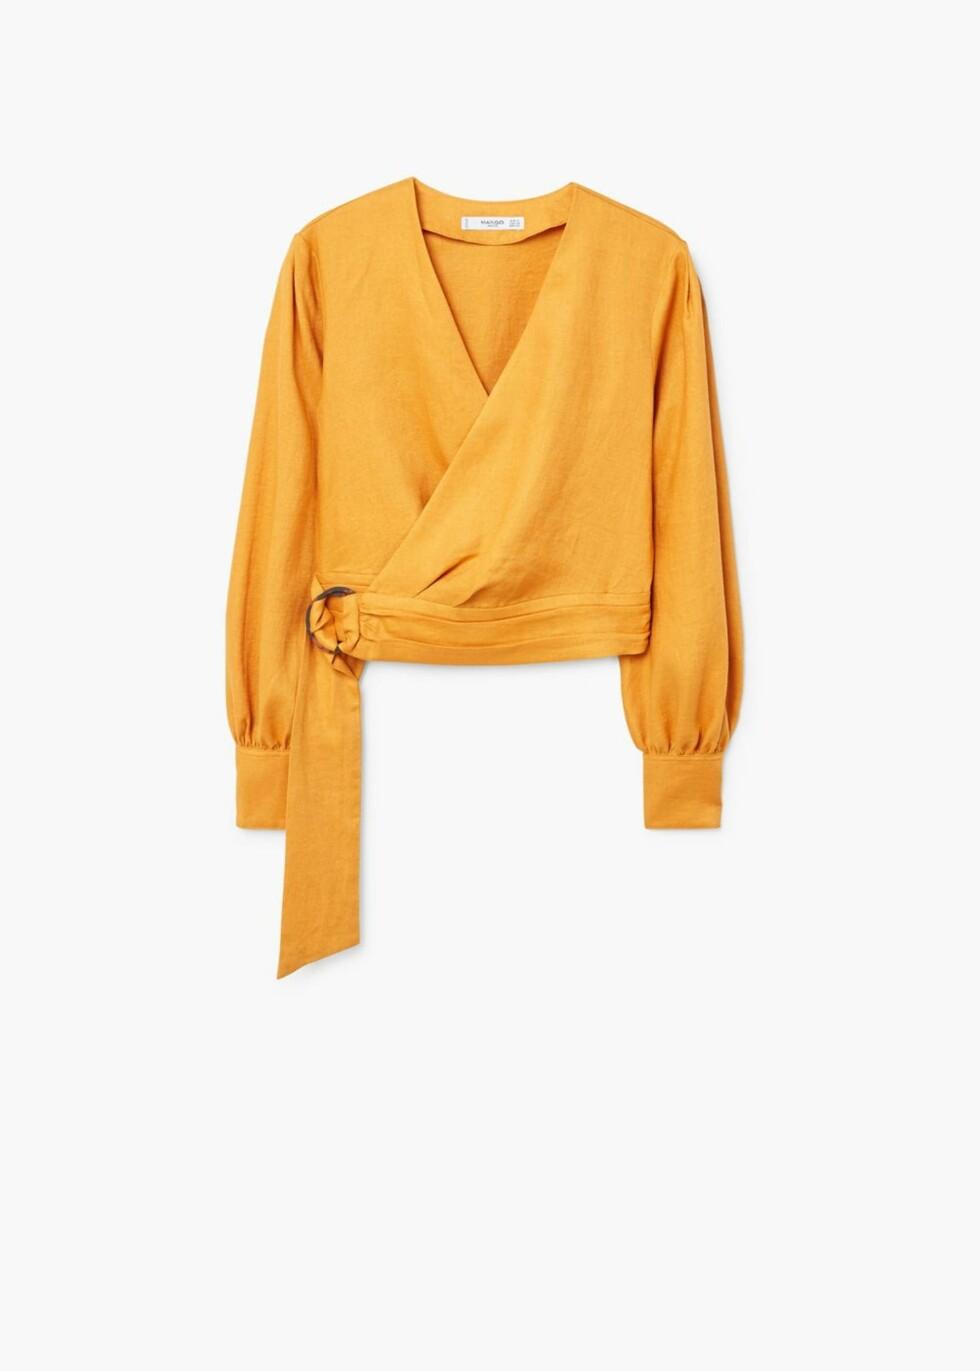 Topp fra Mango  499,-  https://shop.mango.com/no/damer/skjorter-bluser/kittel---_21018814.html?c=15&n=1&s=search